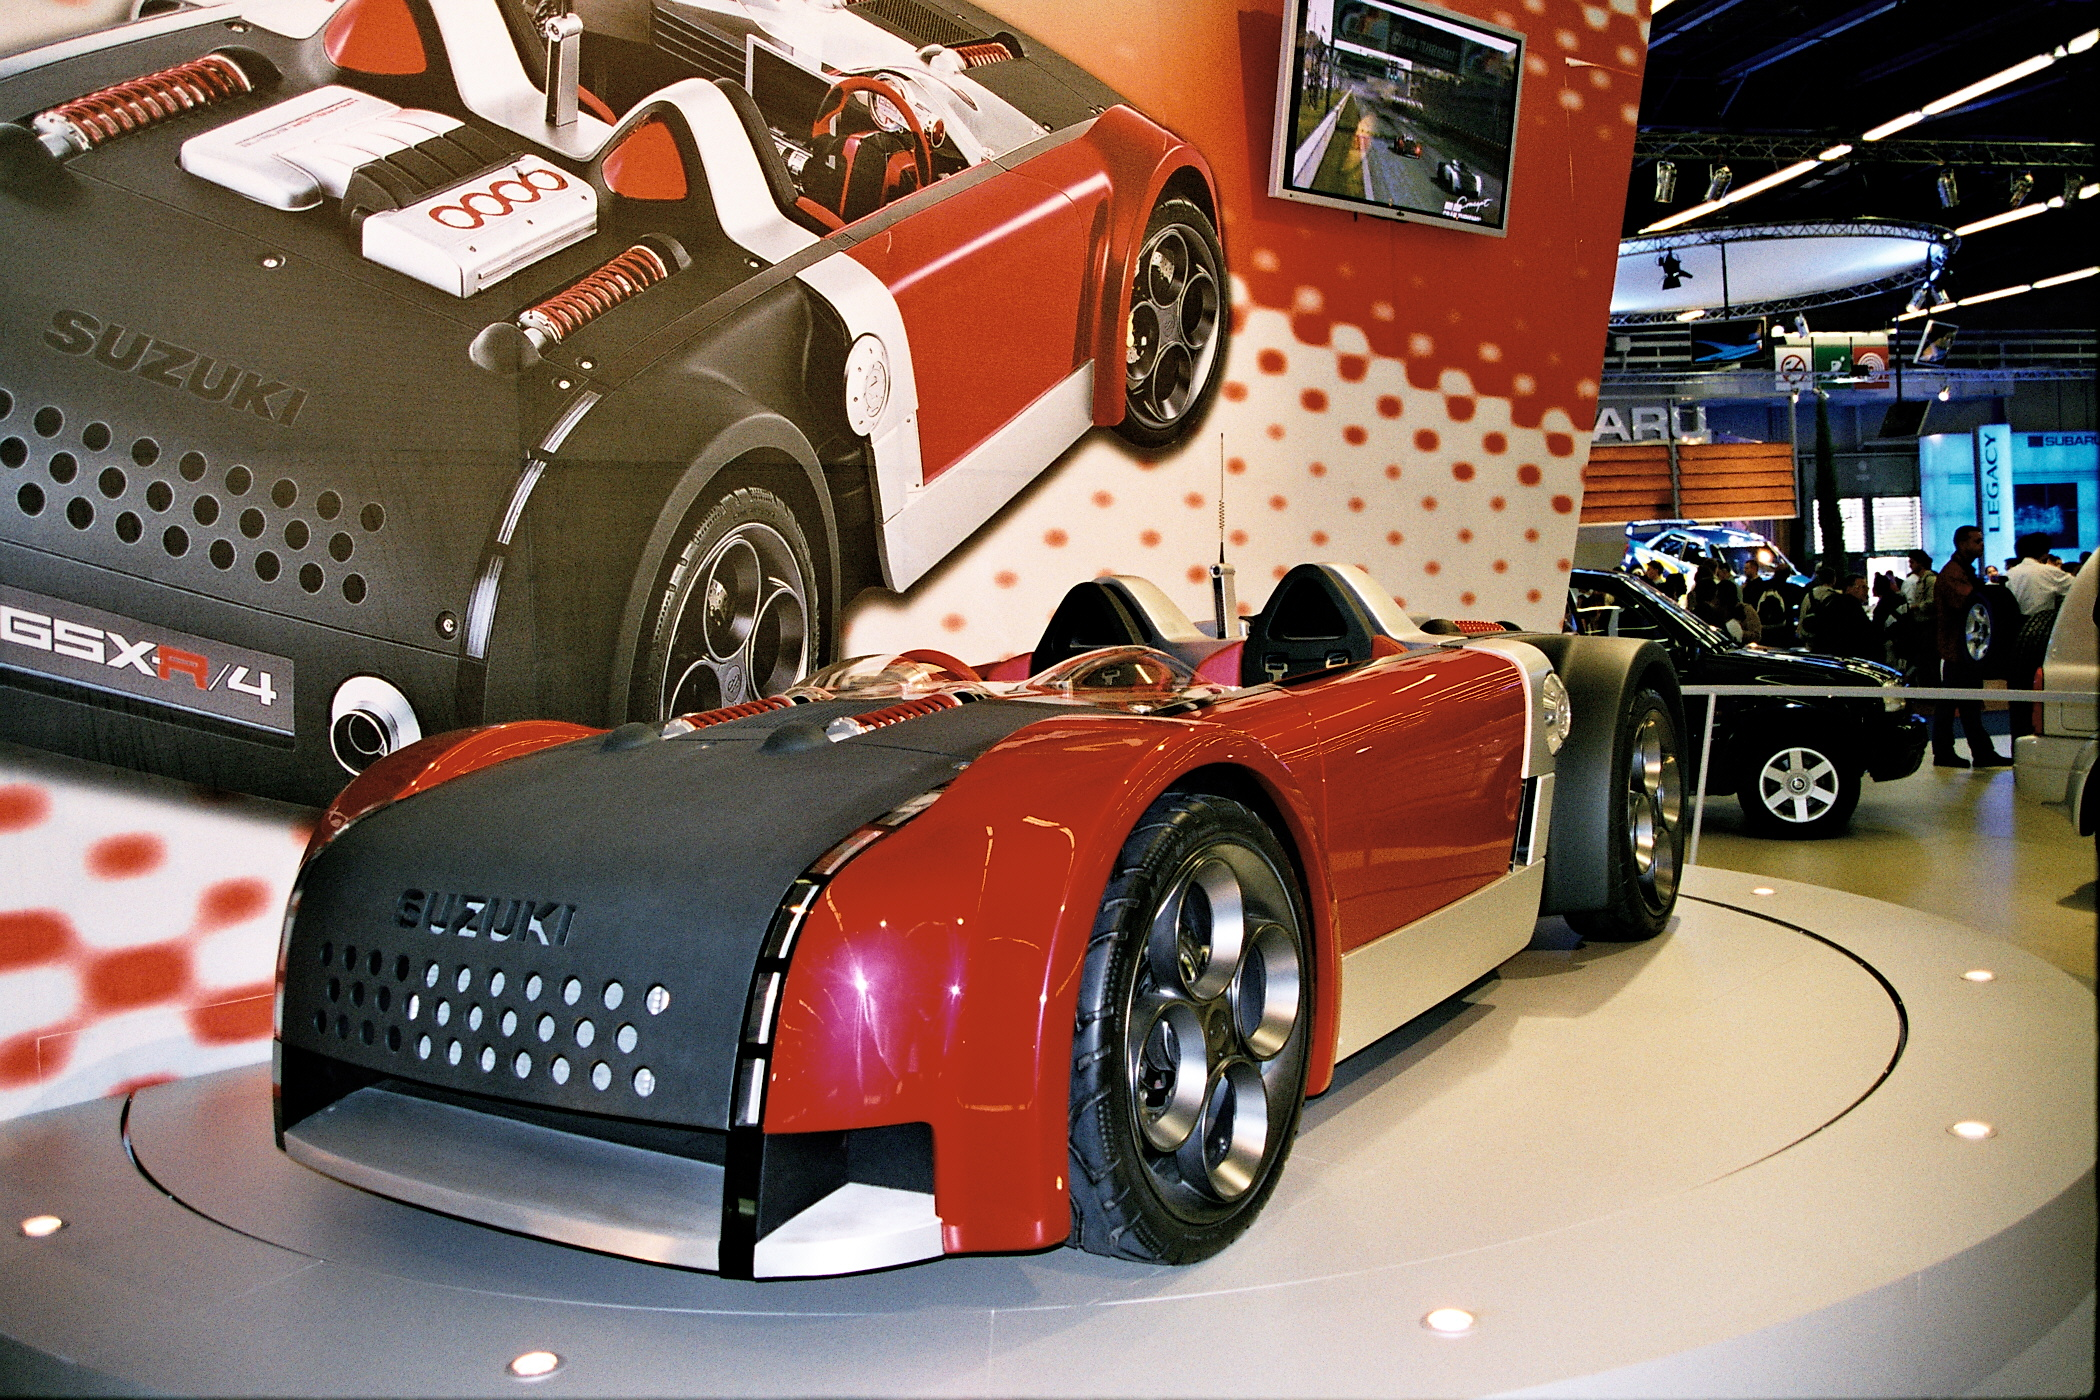 Suzuki Gsxr Car